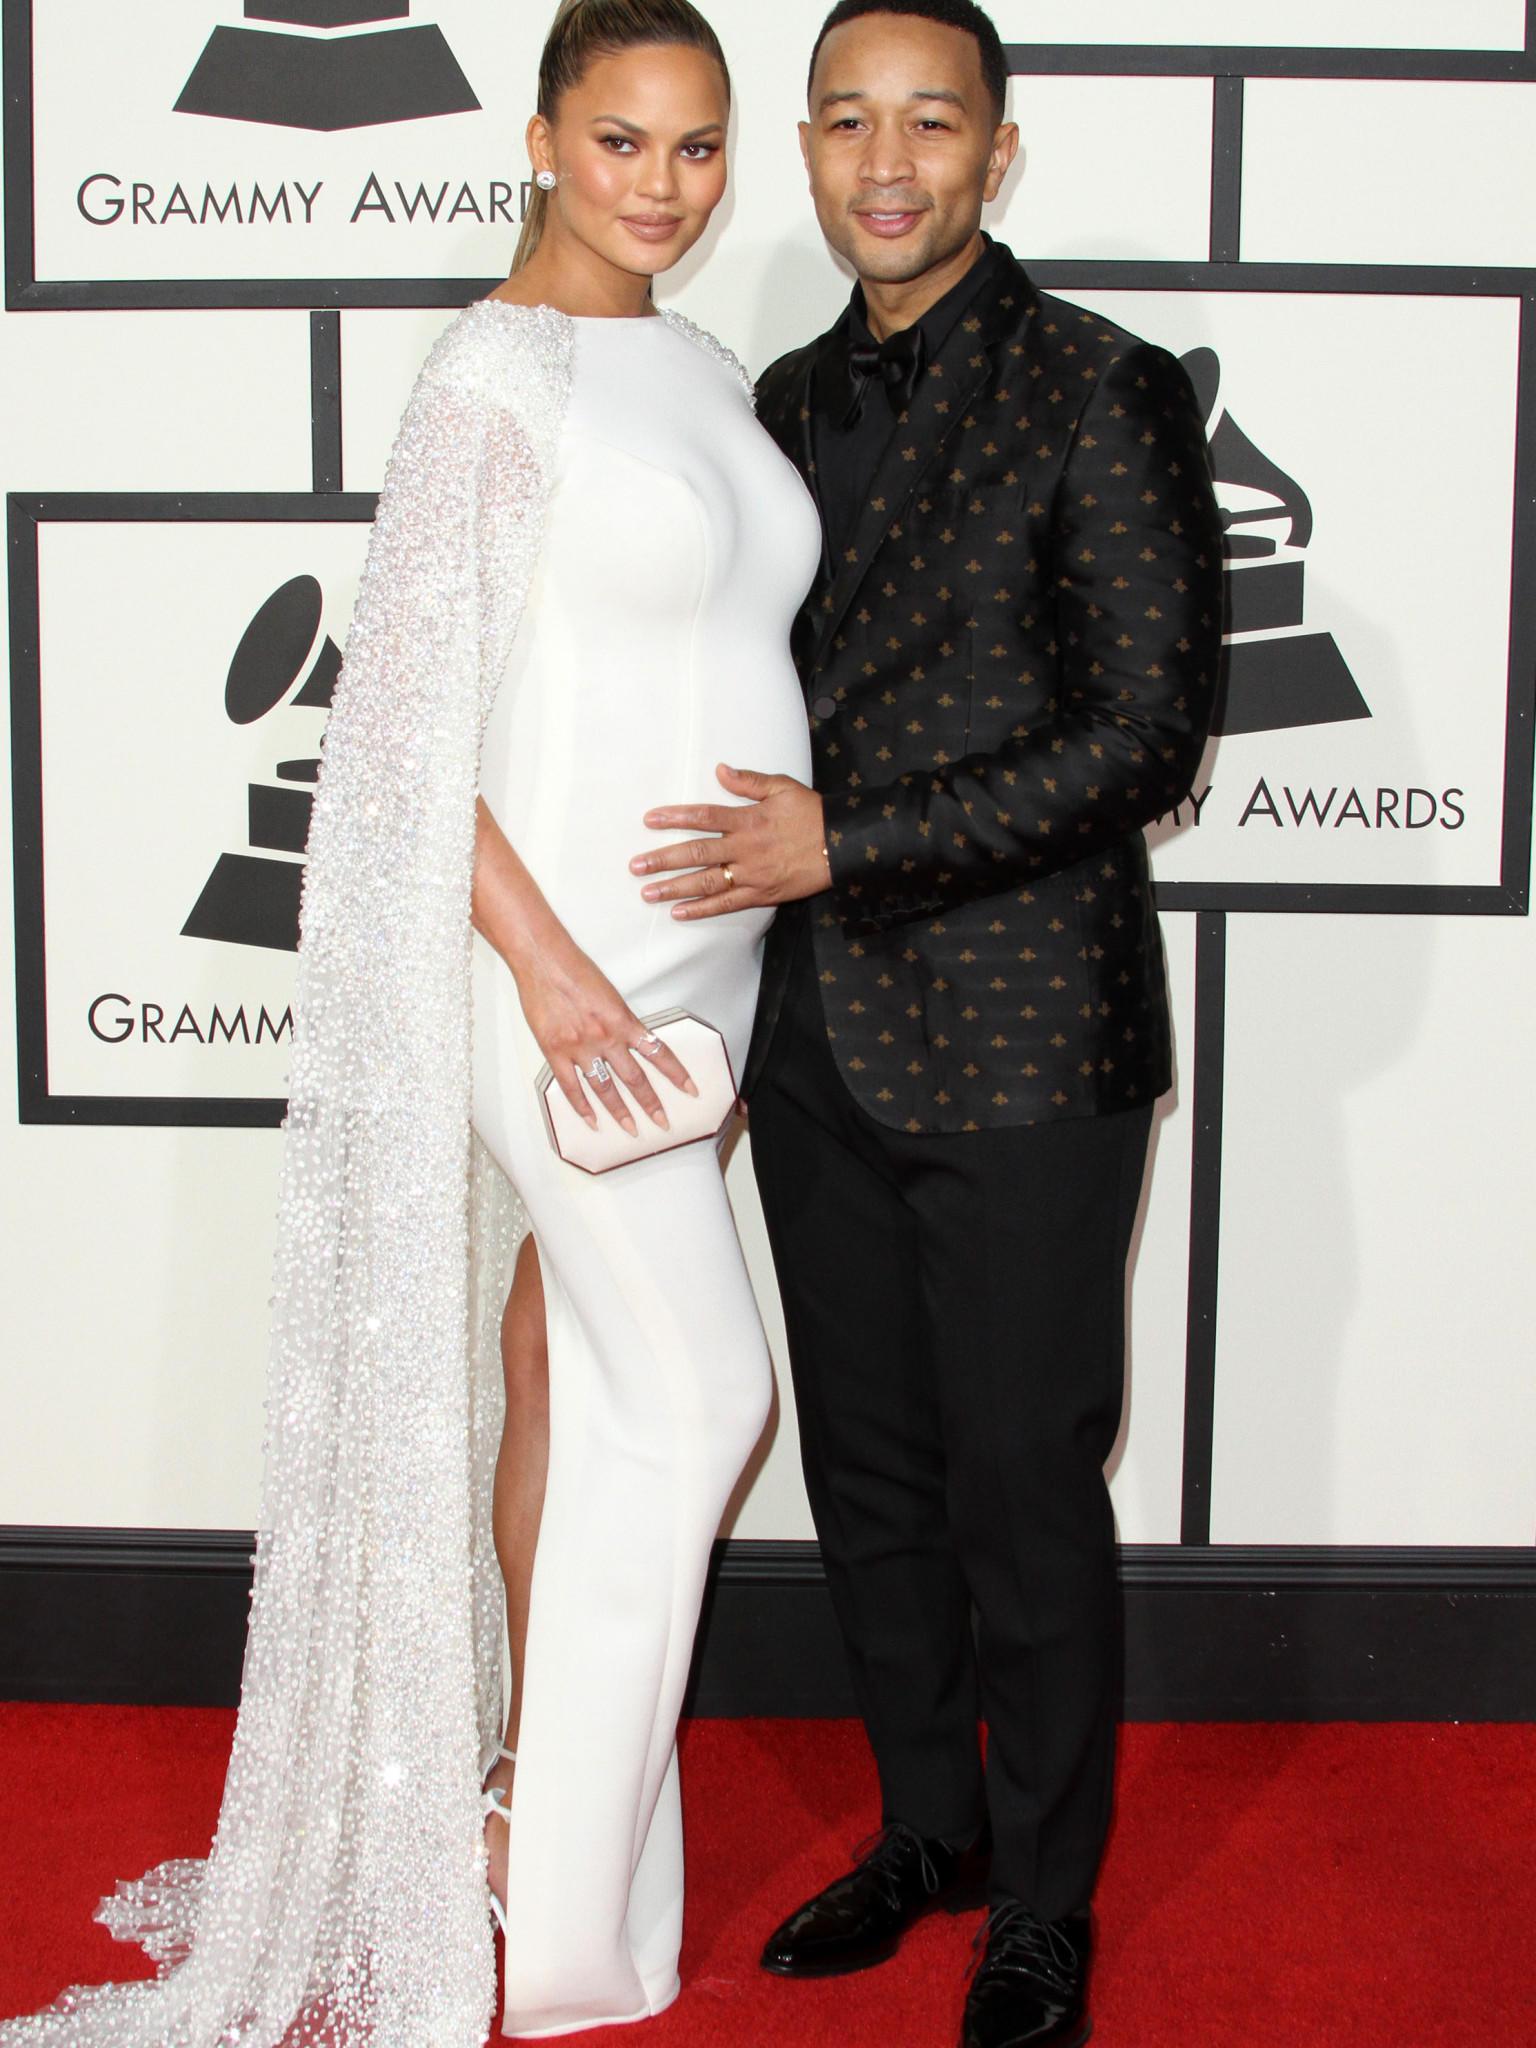 Grammy Awards 2016 Die Looks vom roten Teppich